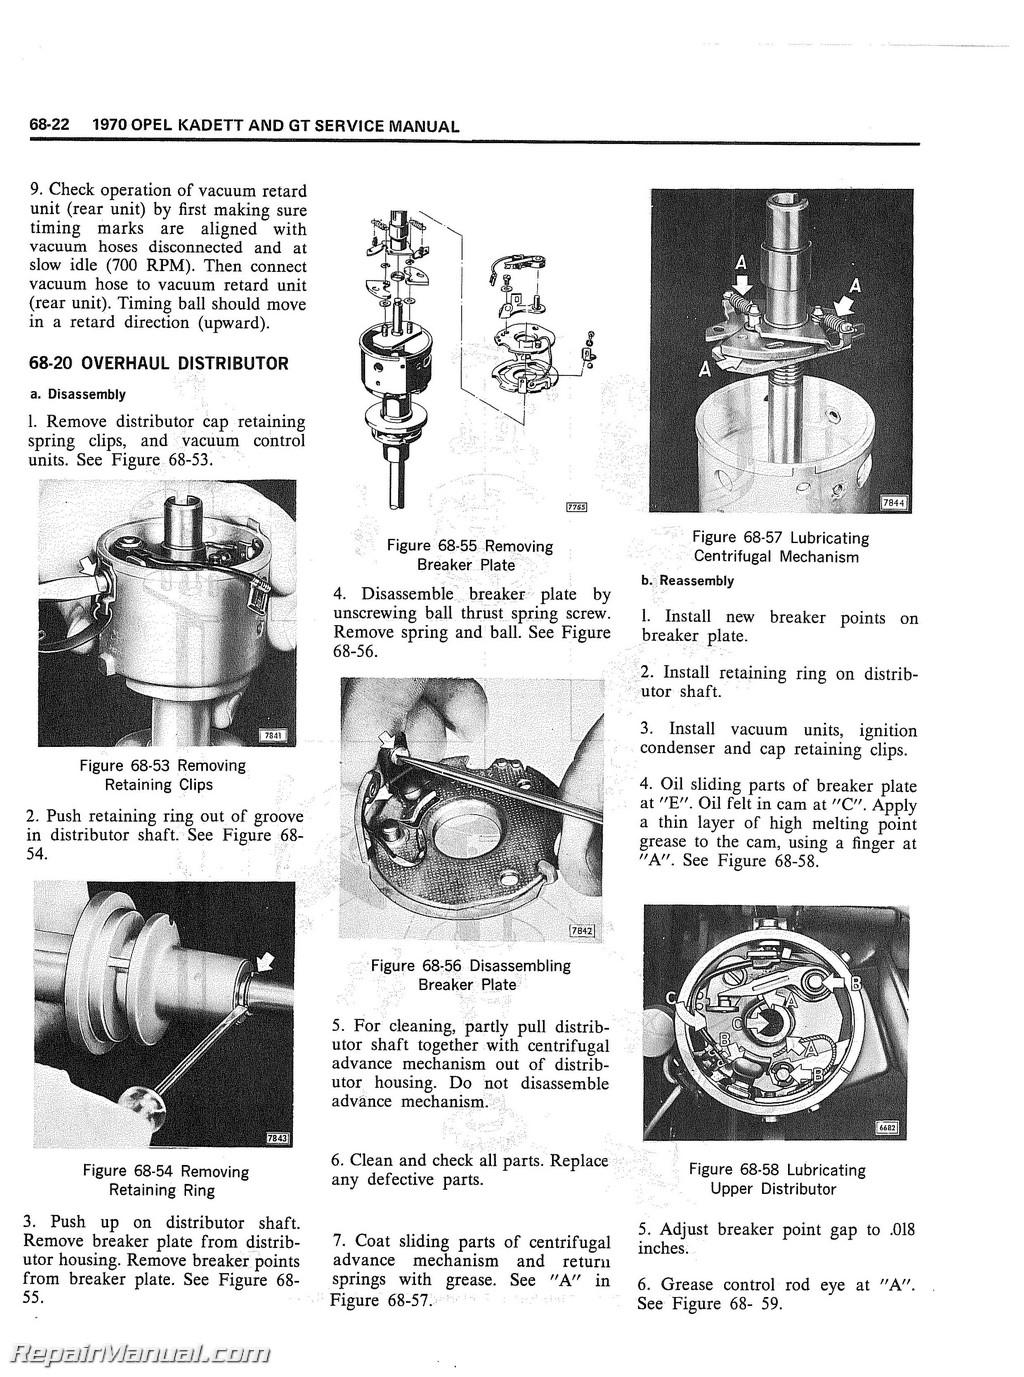 golf wiring diagram inner heart 1970 opel kadett & gt service manual